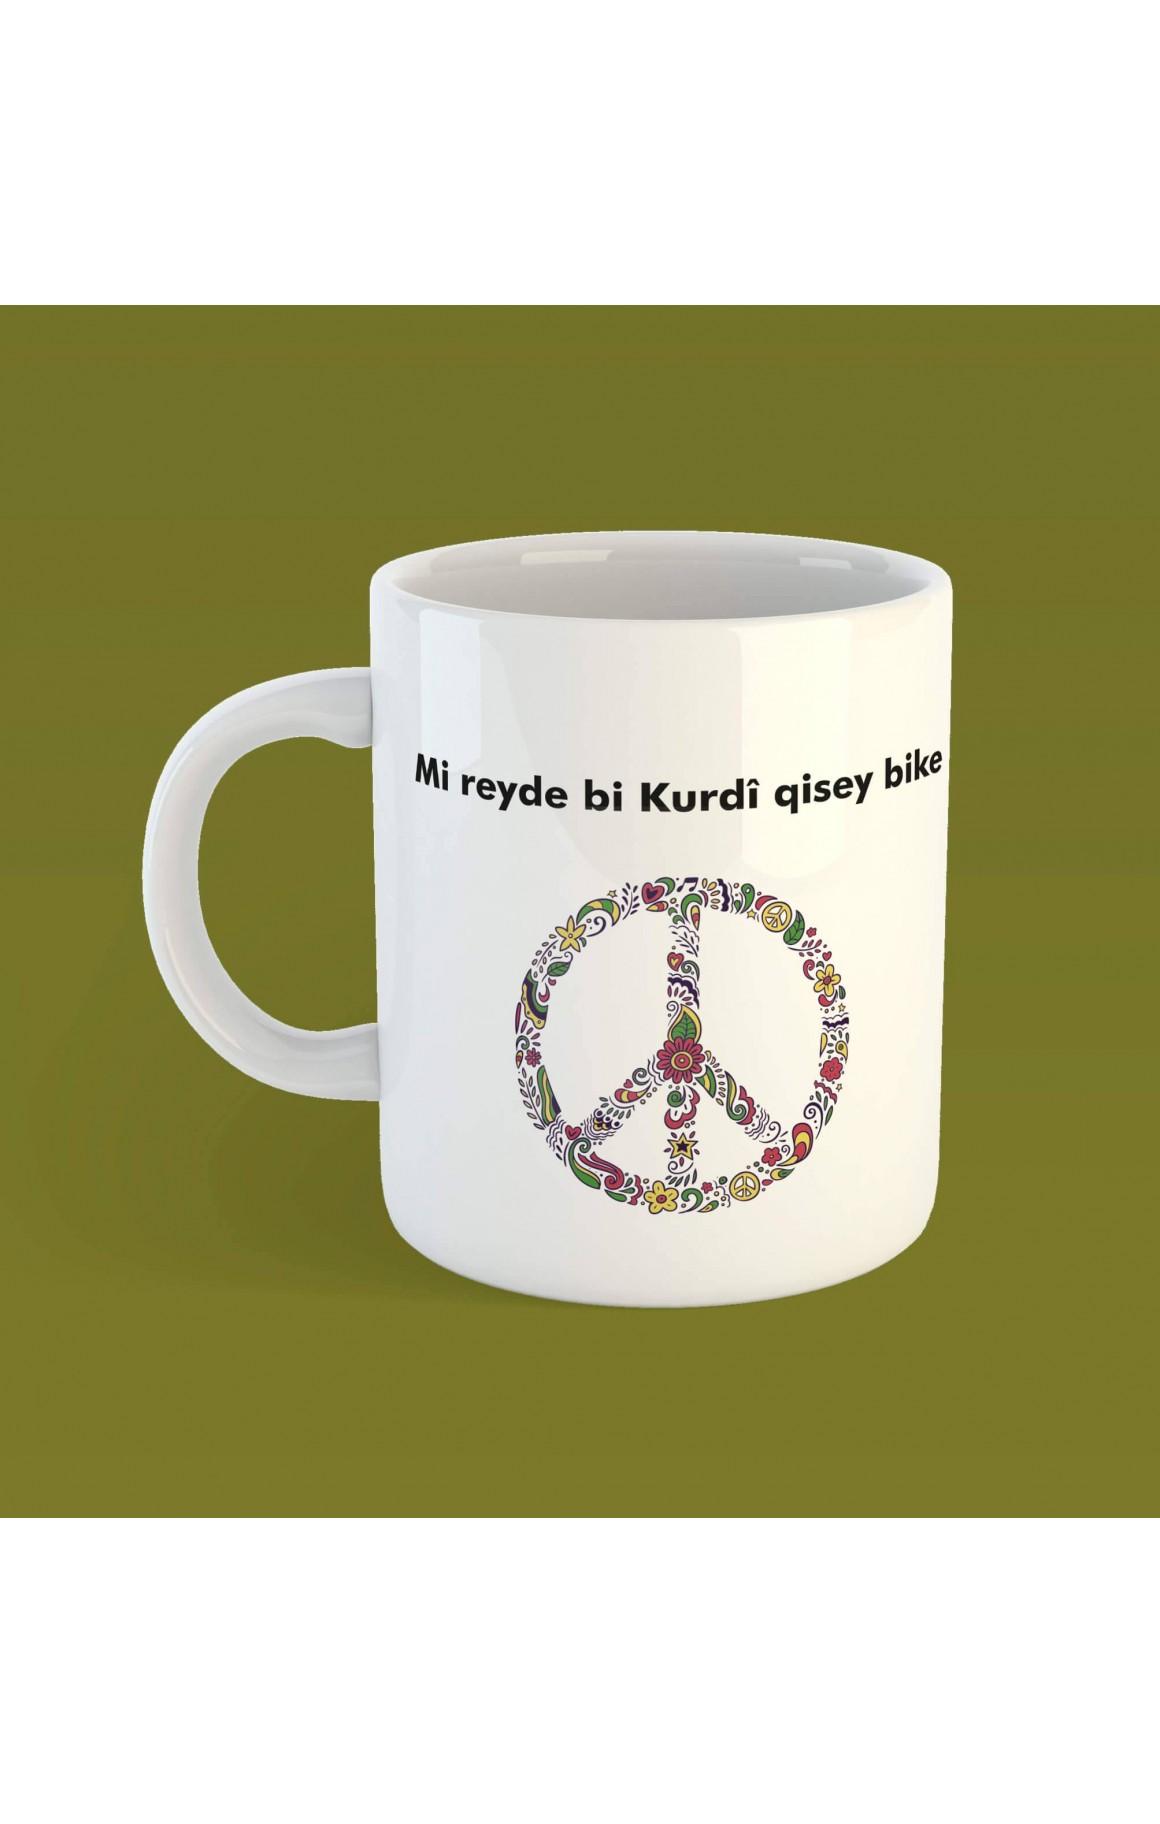 Porselen Kupa - Mi reyde bi Kurdî qisey bike